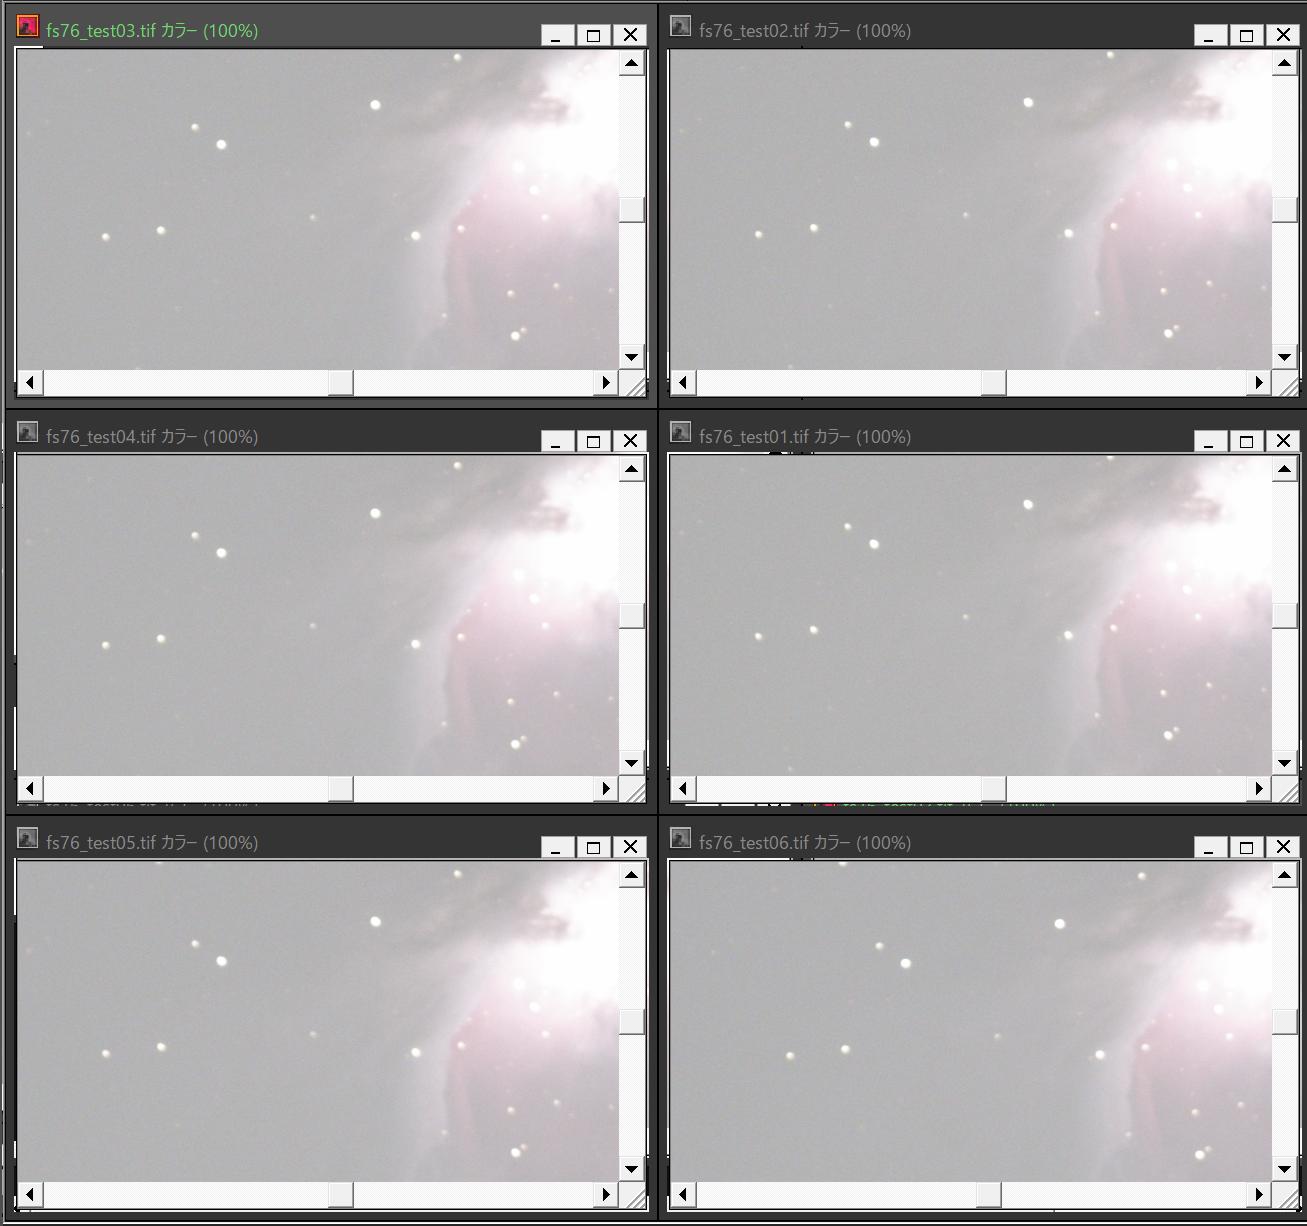 f:id:snct-astro:20200212175026p:plain